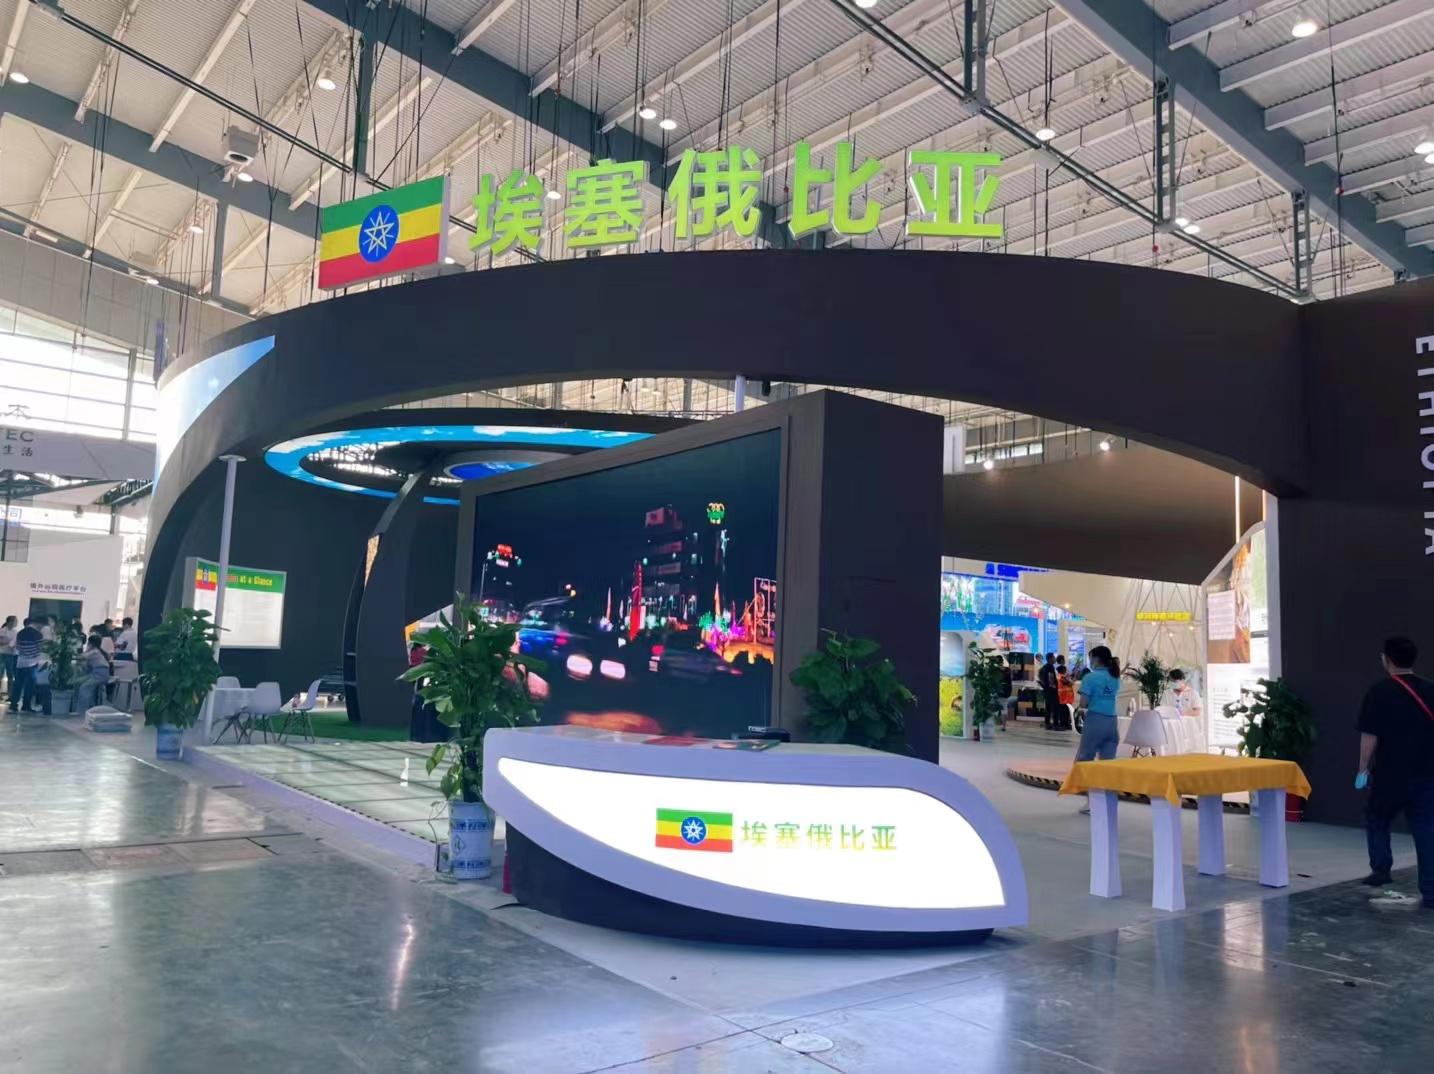 点赞!河南濮阳咖啡企业亮相第二届中非经贸博览会埃塞国家馆